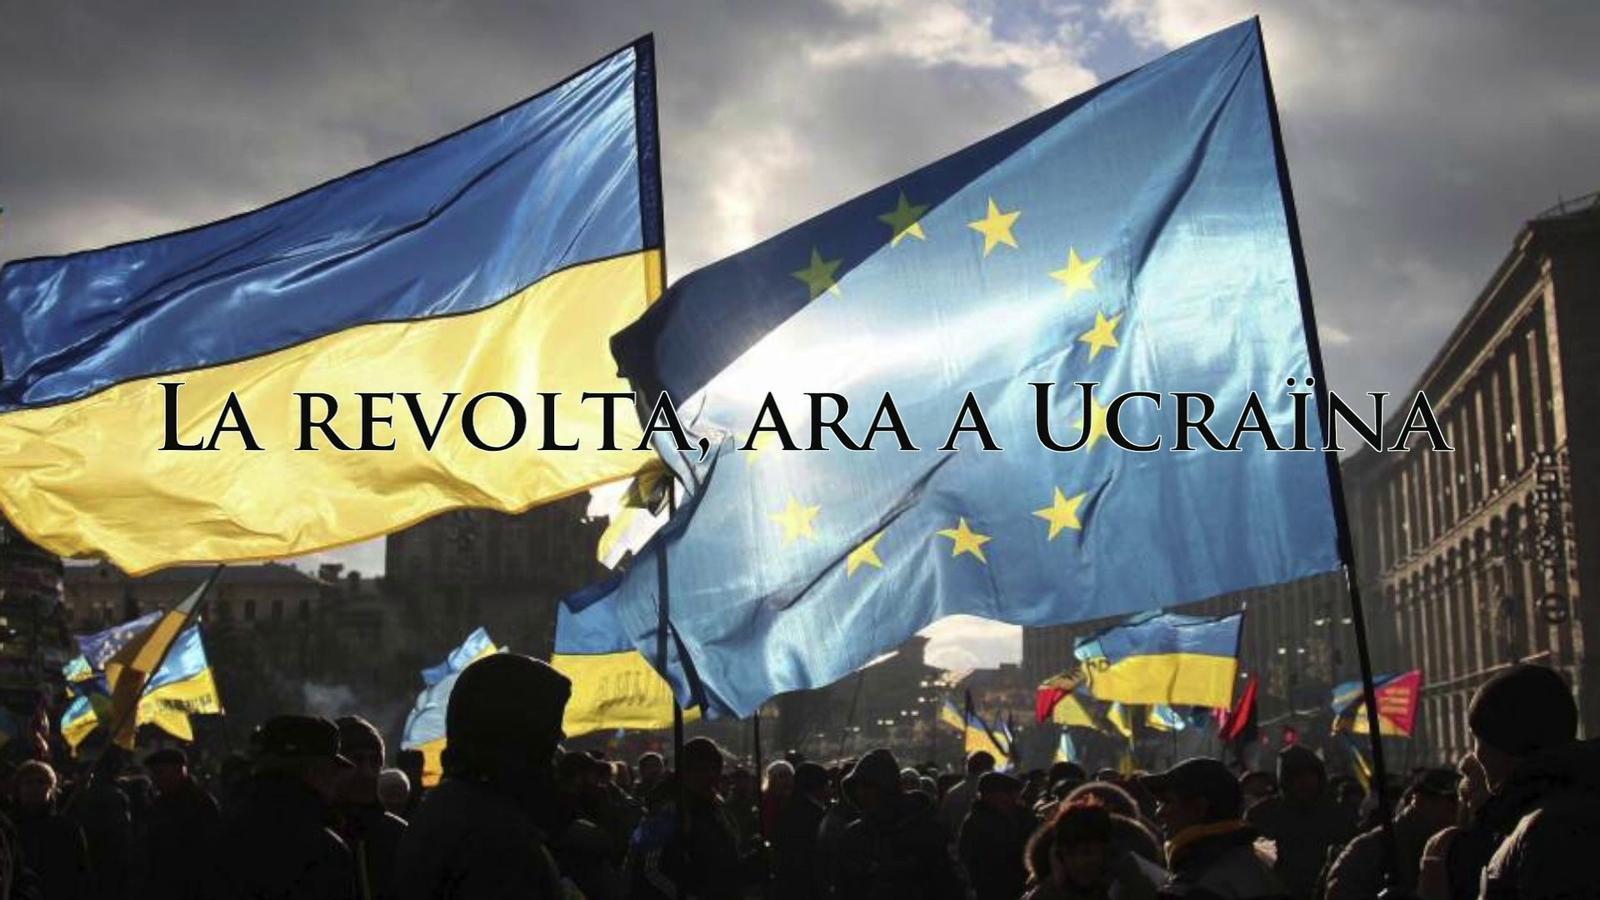 La revolta en imatges, ara a Ucraïna